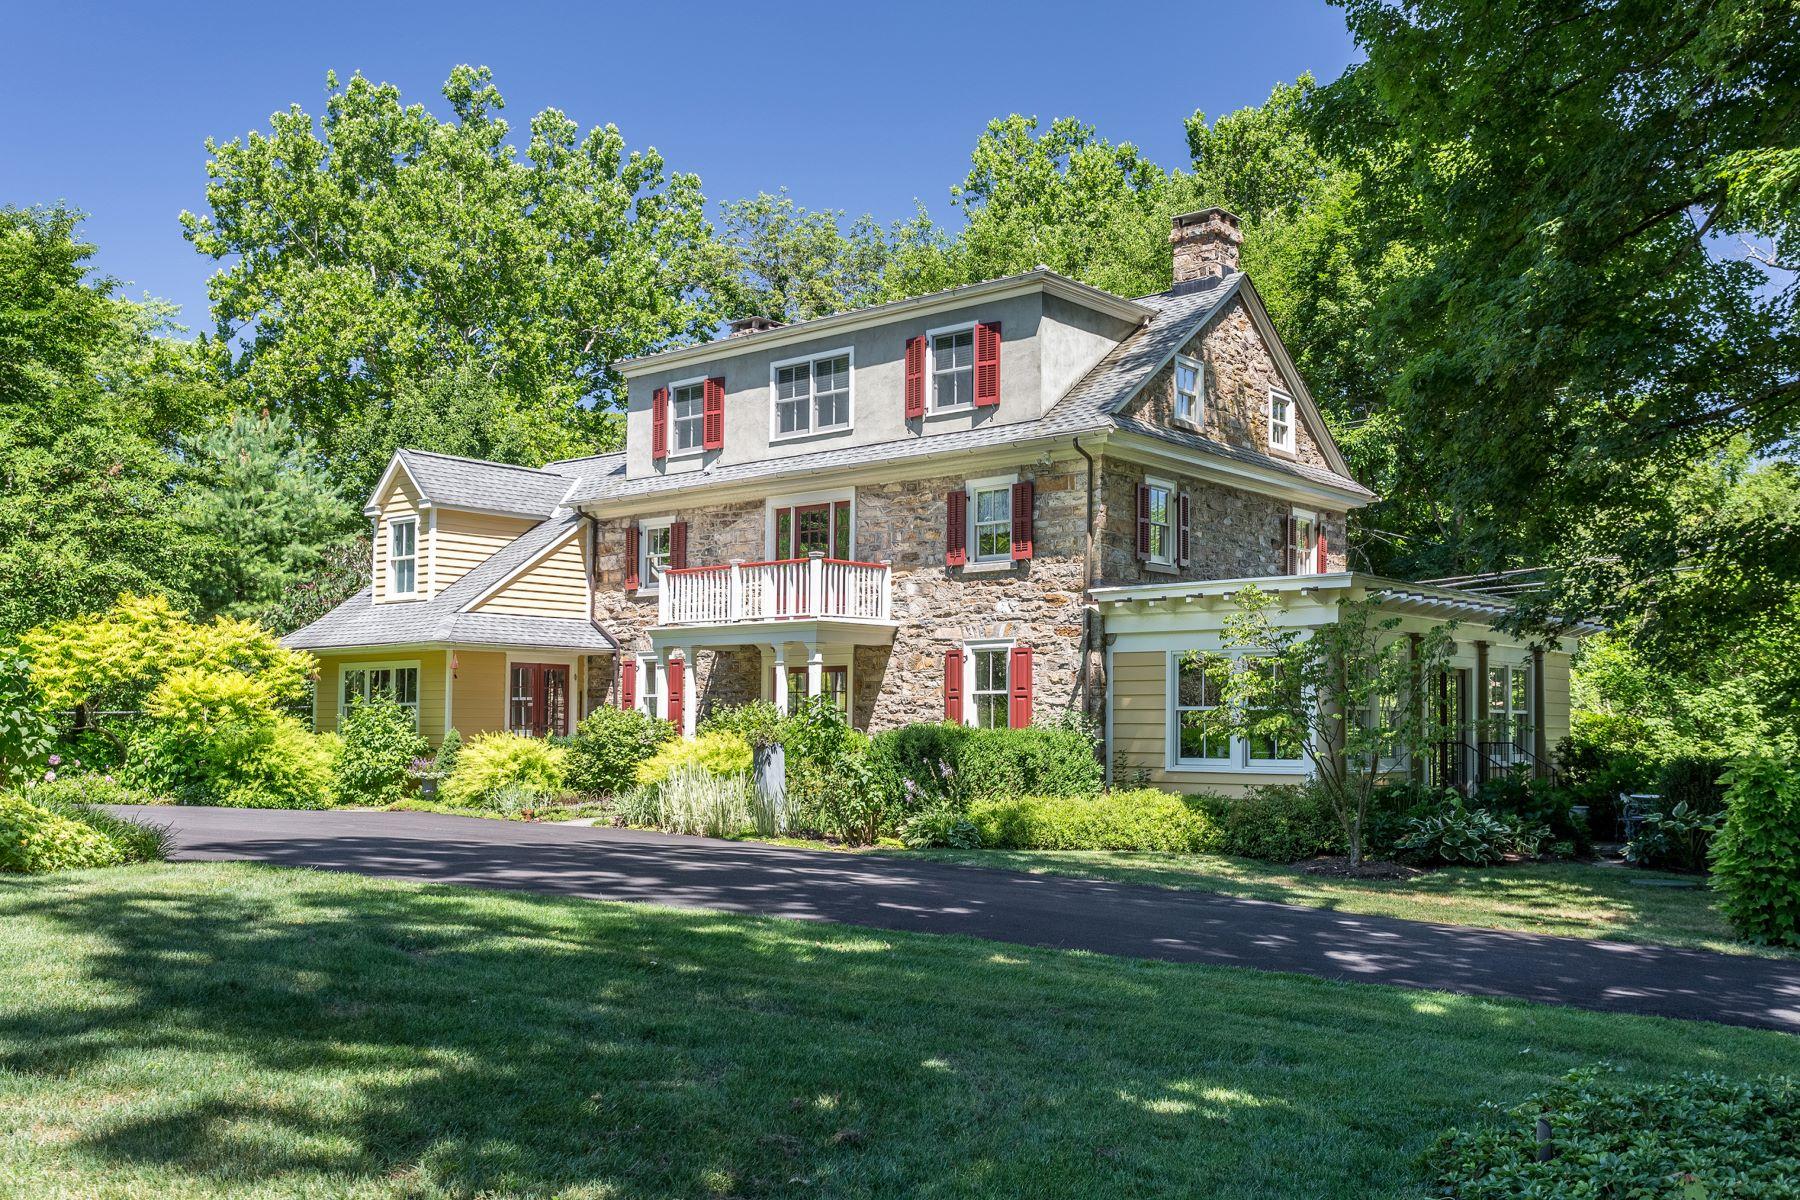 Частный односемейный дом для того Продажа на 15 Coffeetown Rd Easton, Пенсильвания 18042 Соединенные Штаты